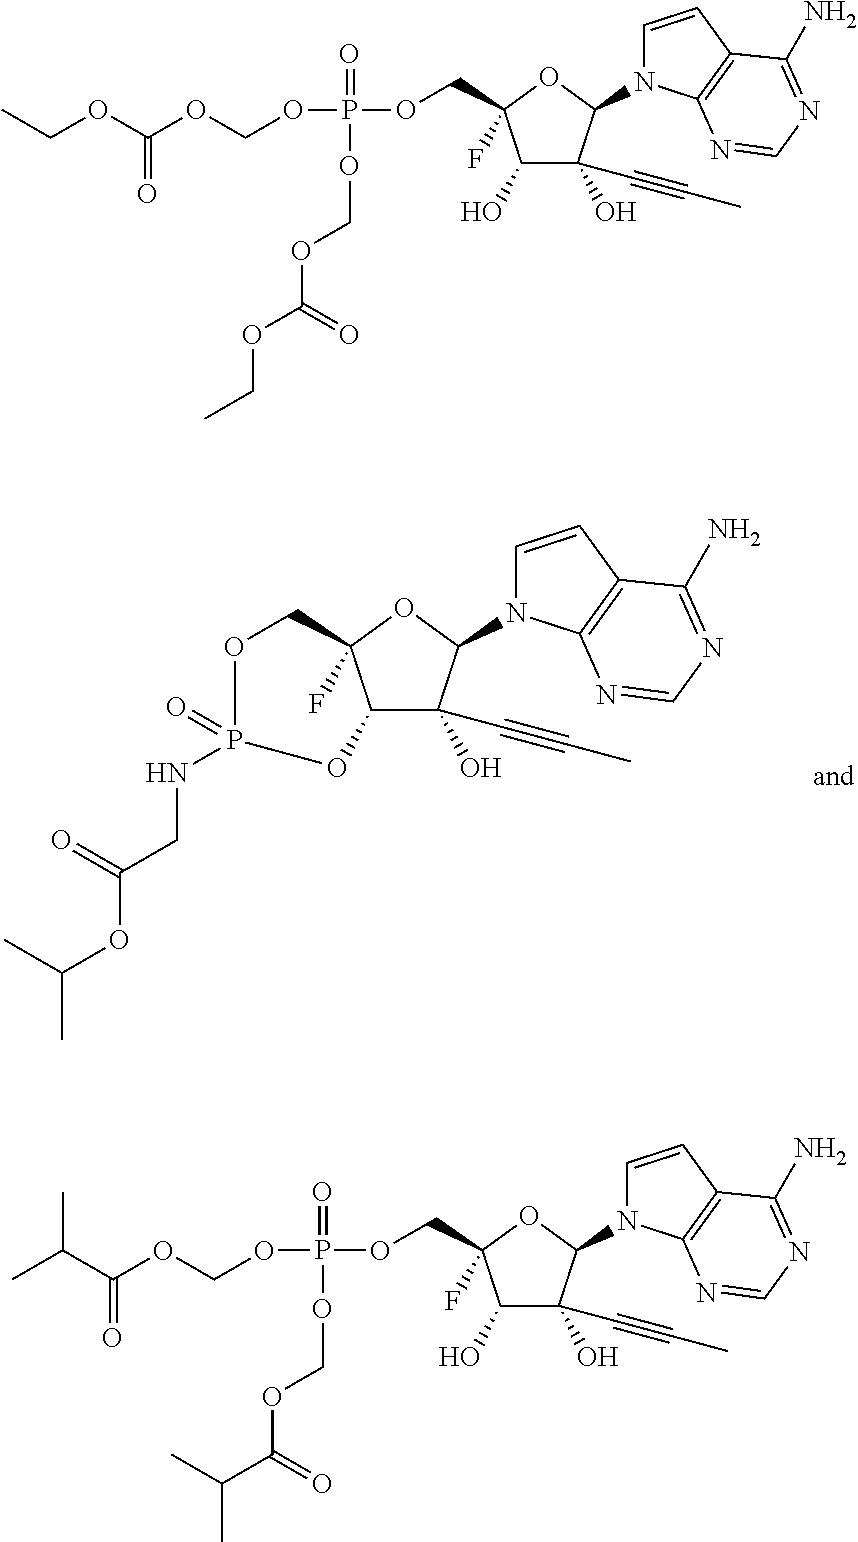 Figure US09988416-20180605-C00008